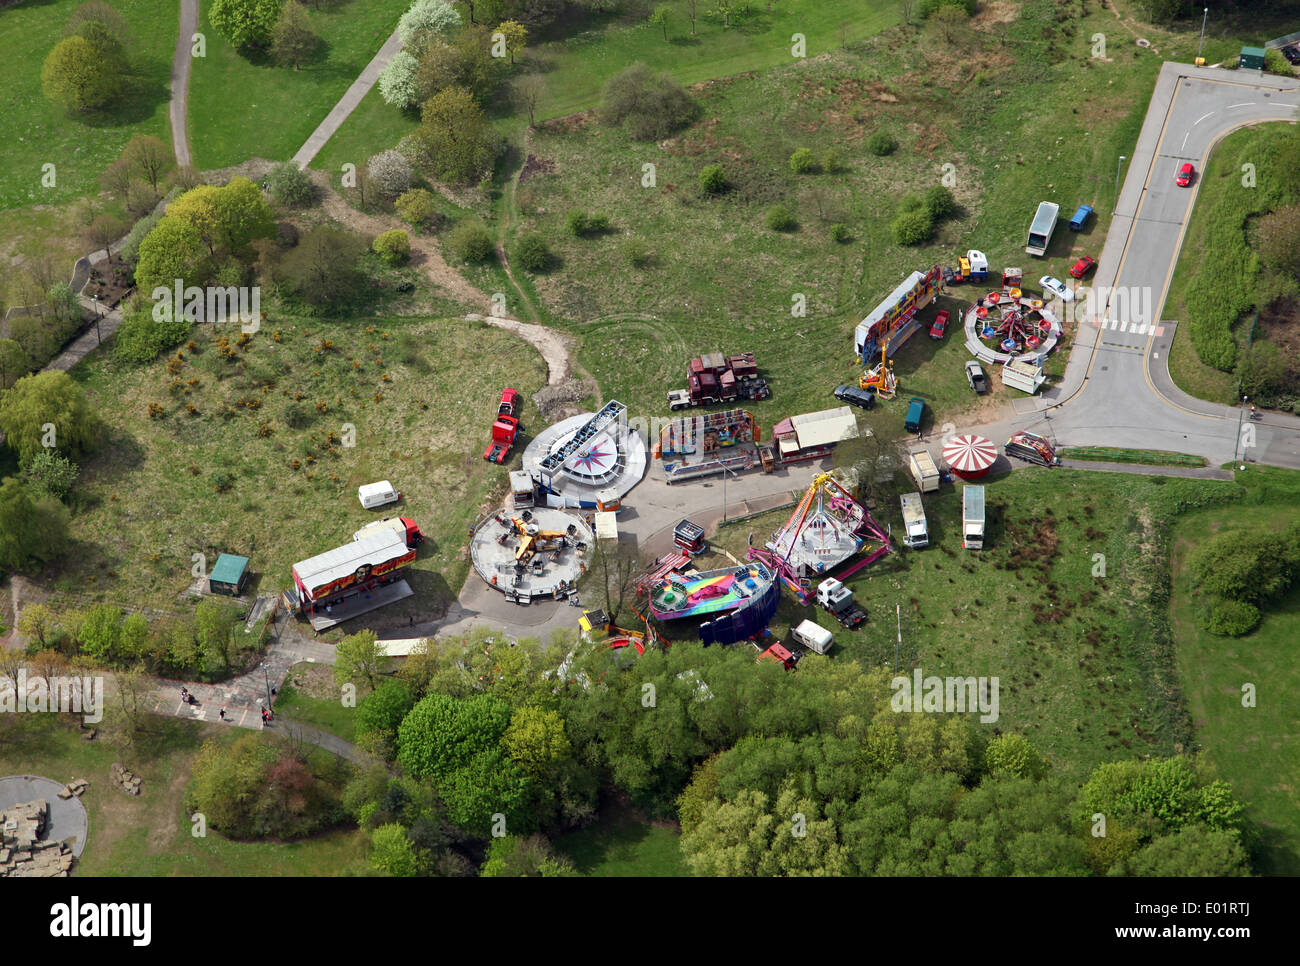 Vista aérea de una feria en un descampado en Skelmersdale, Lancashire Imagen De Stock